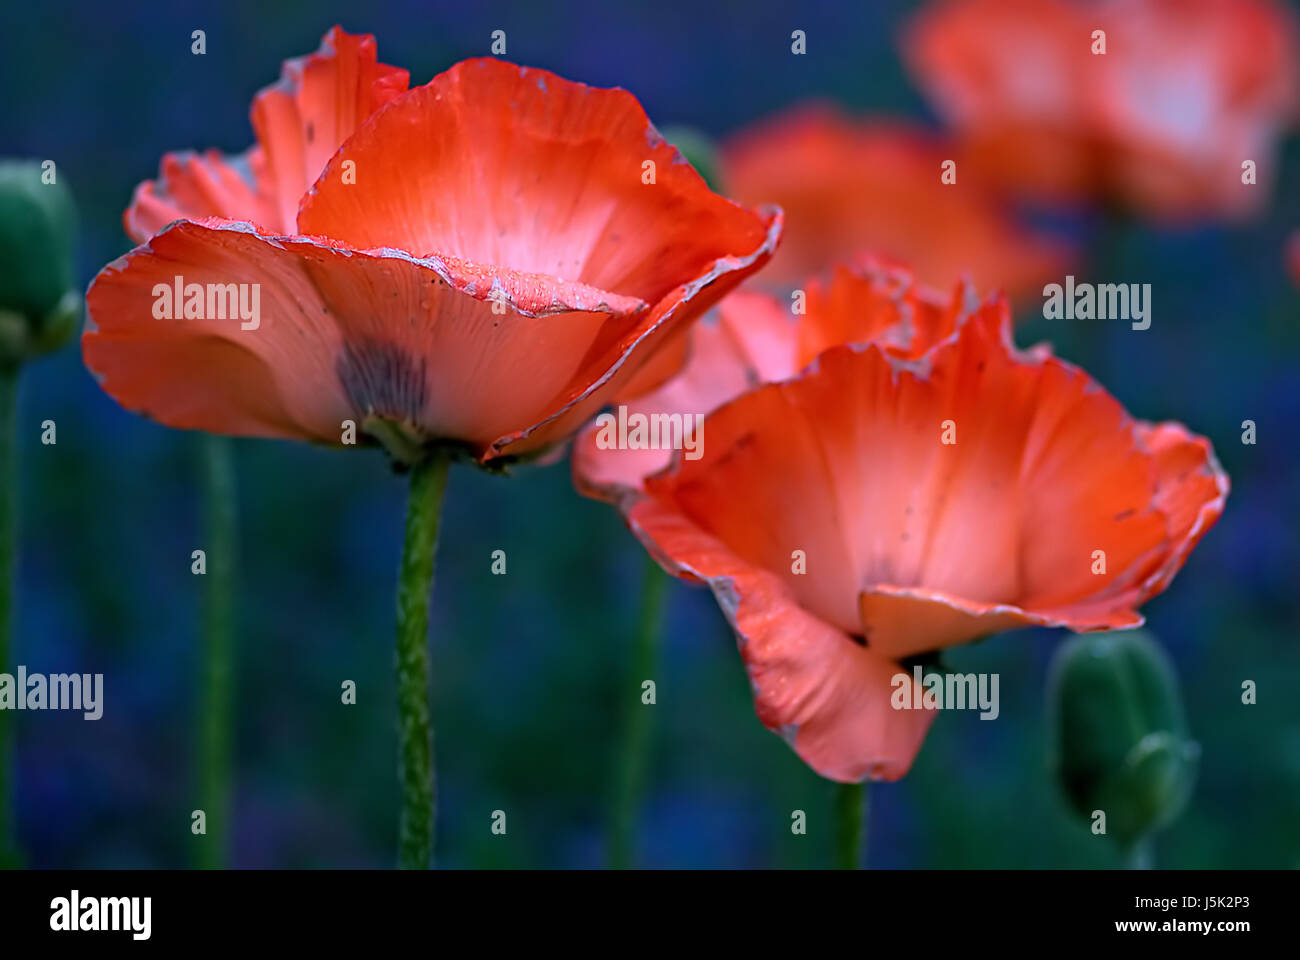 Flower Plant Poppy Material Drug Anaesthetic Addictive Drug